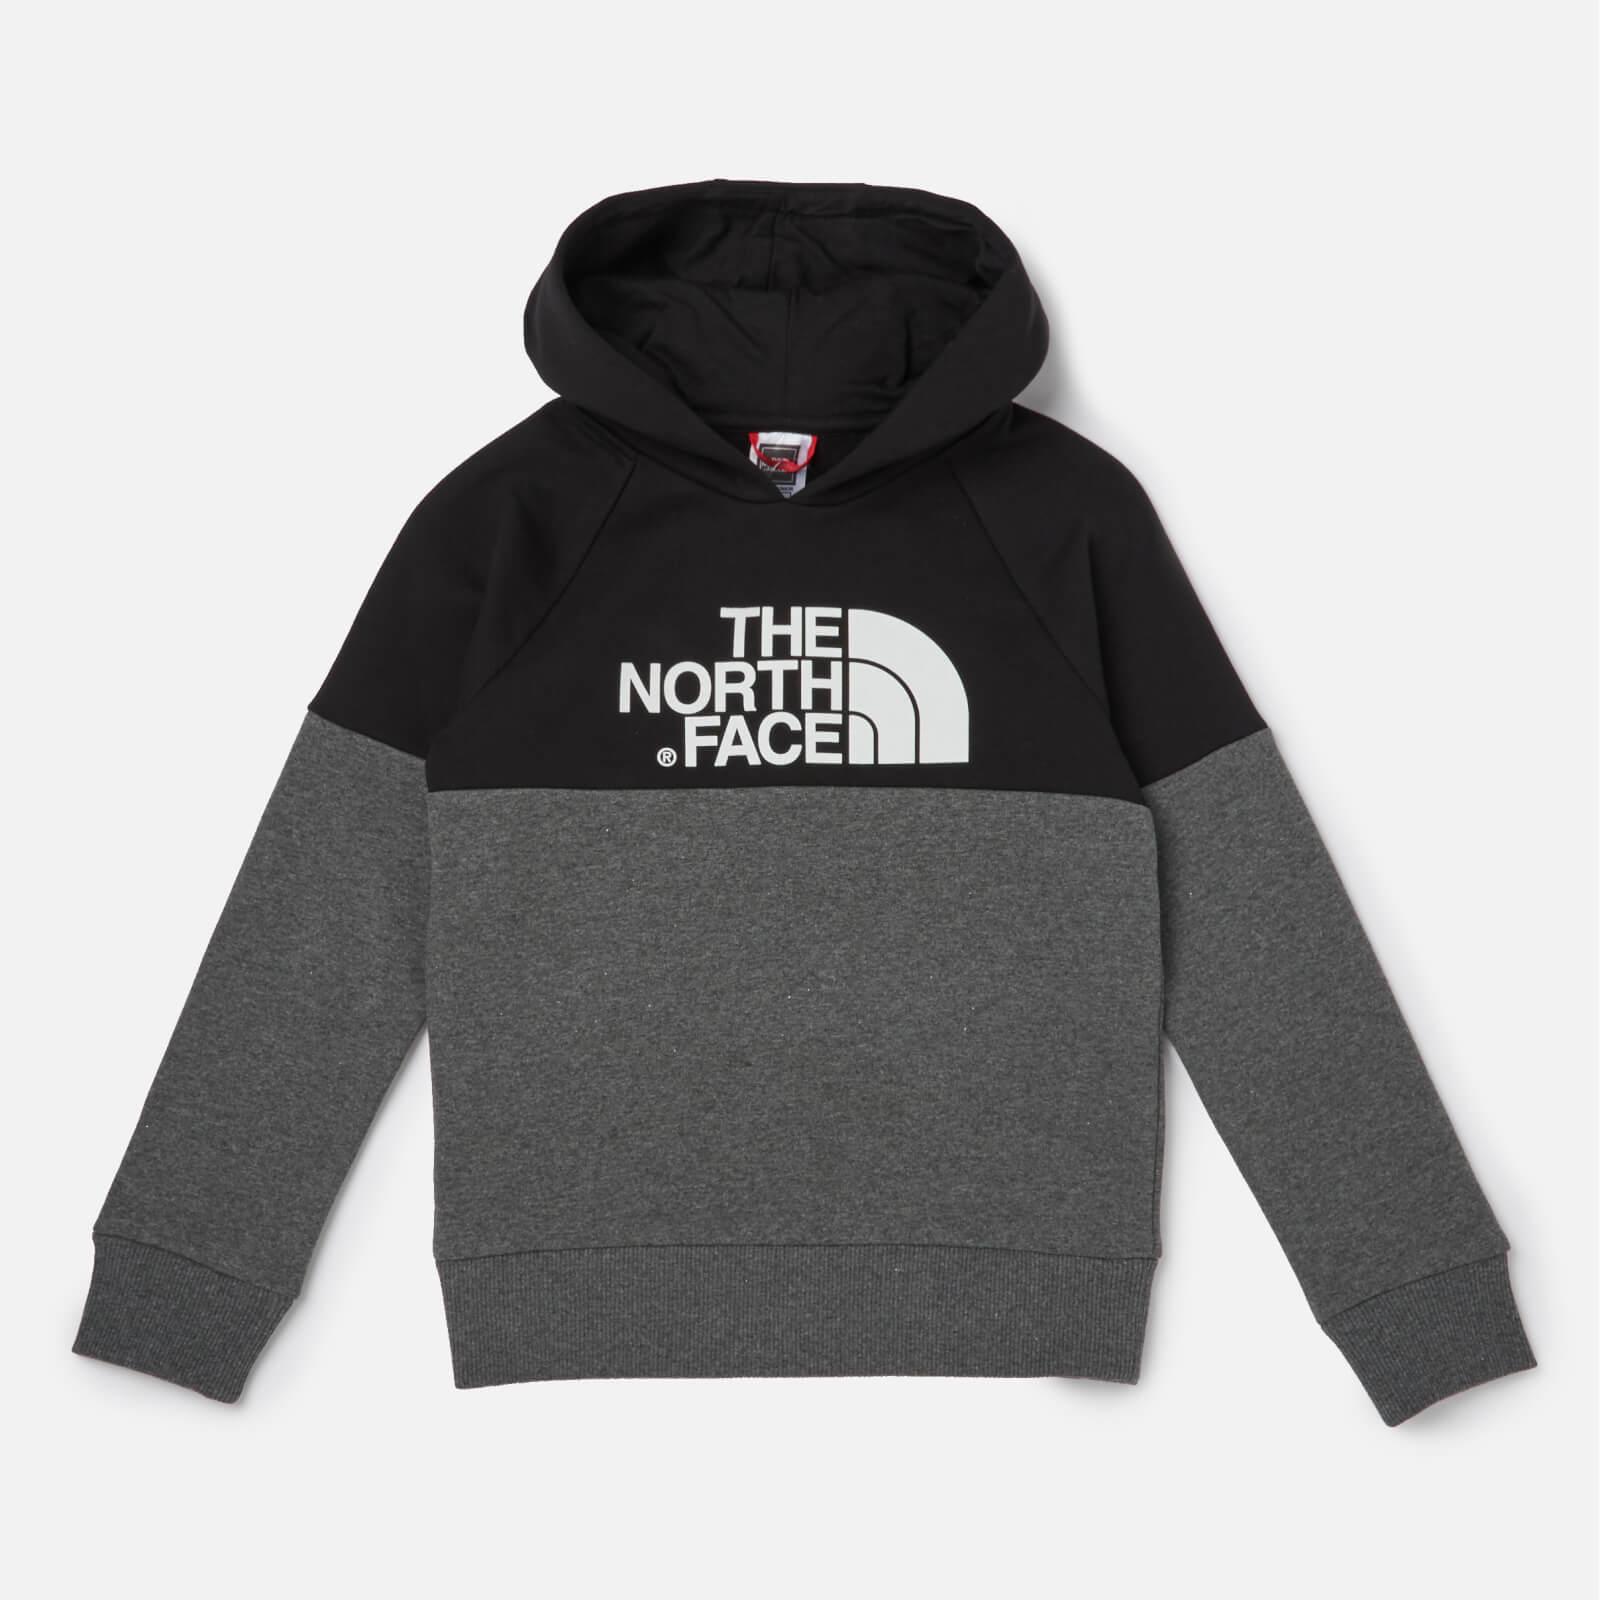 1f9e1af9d The North Face Boys' Youth Drew Peak Raglan Hoody - TNF Black